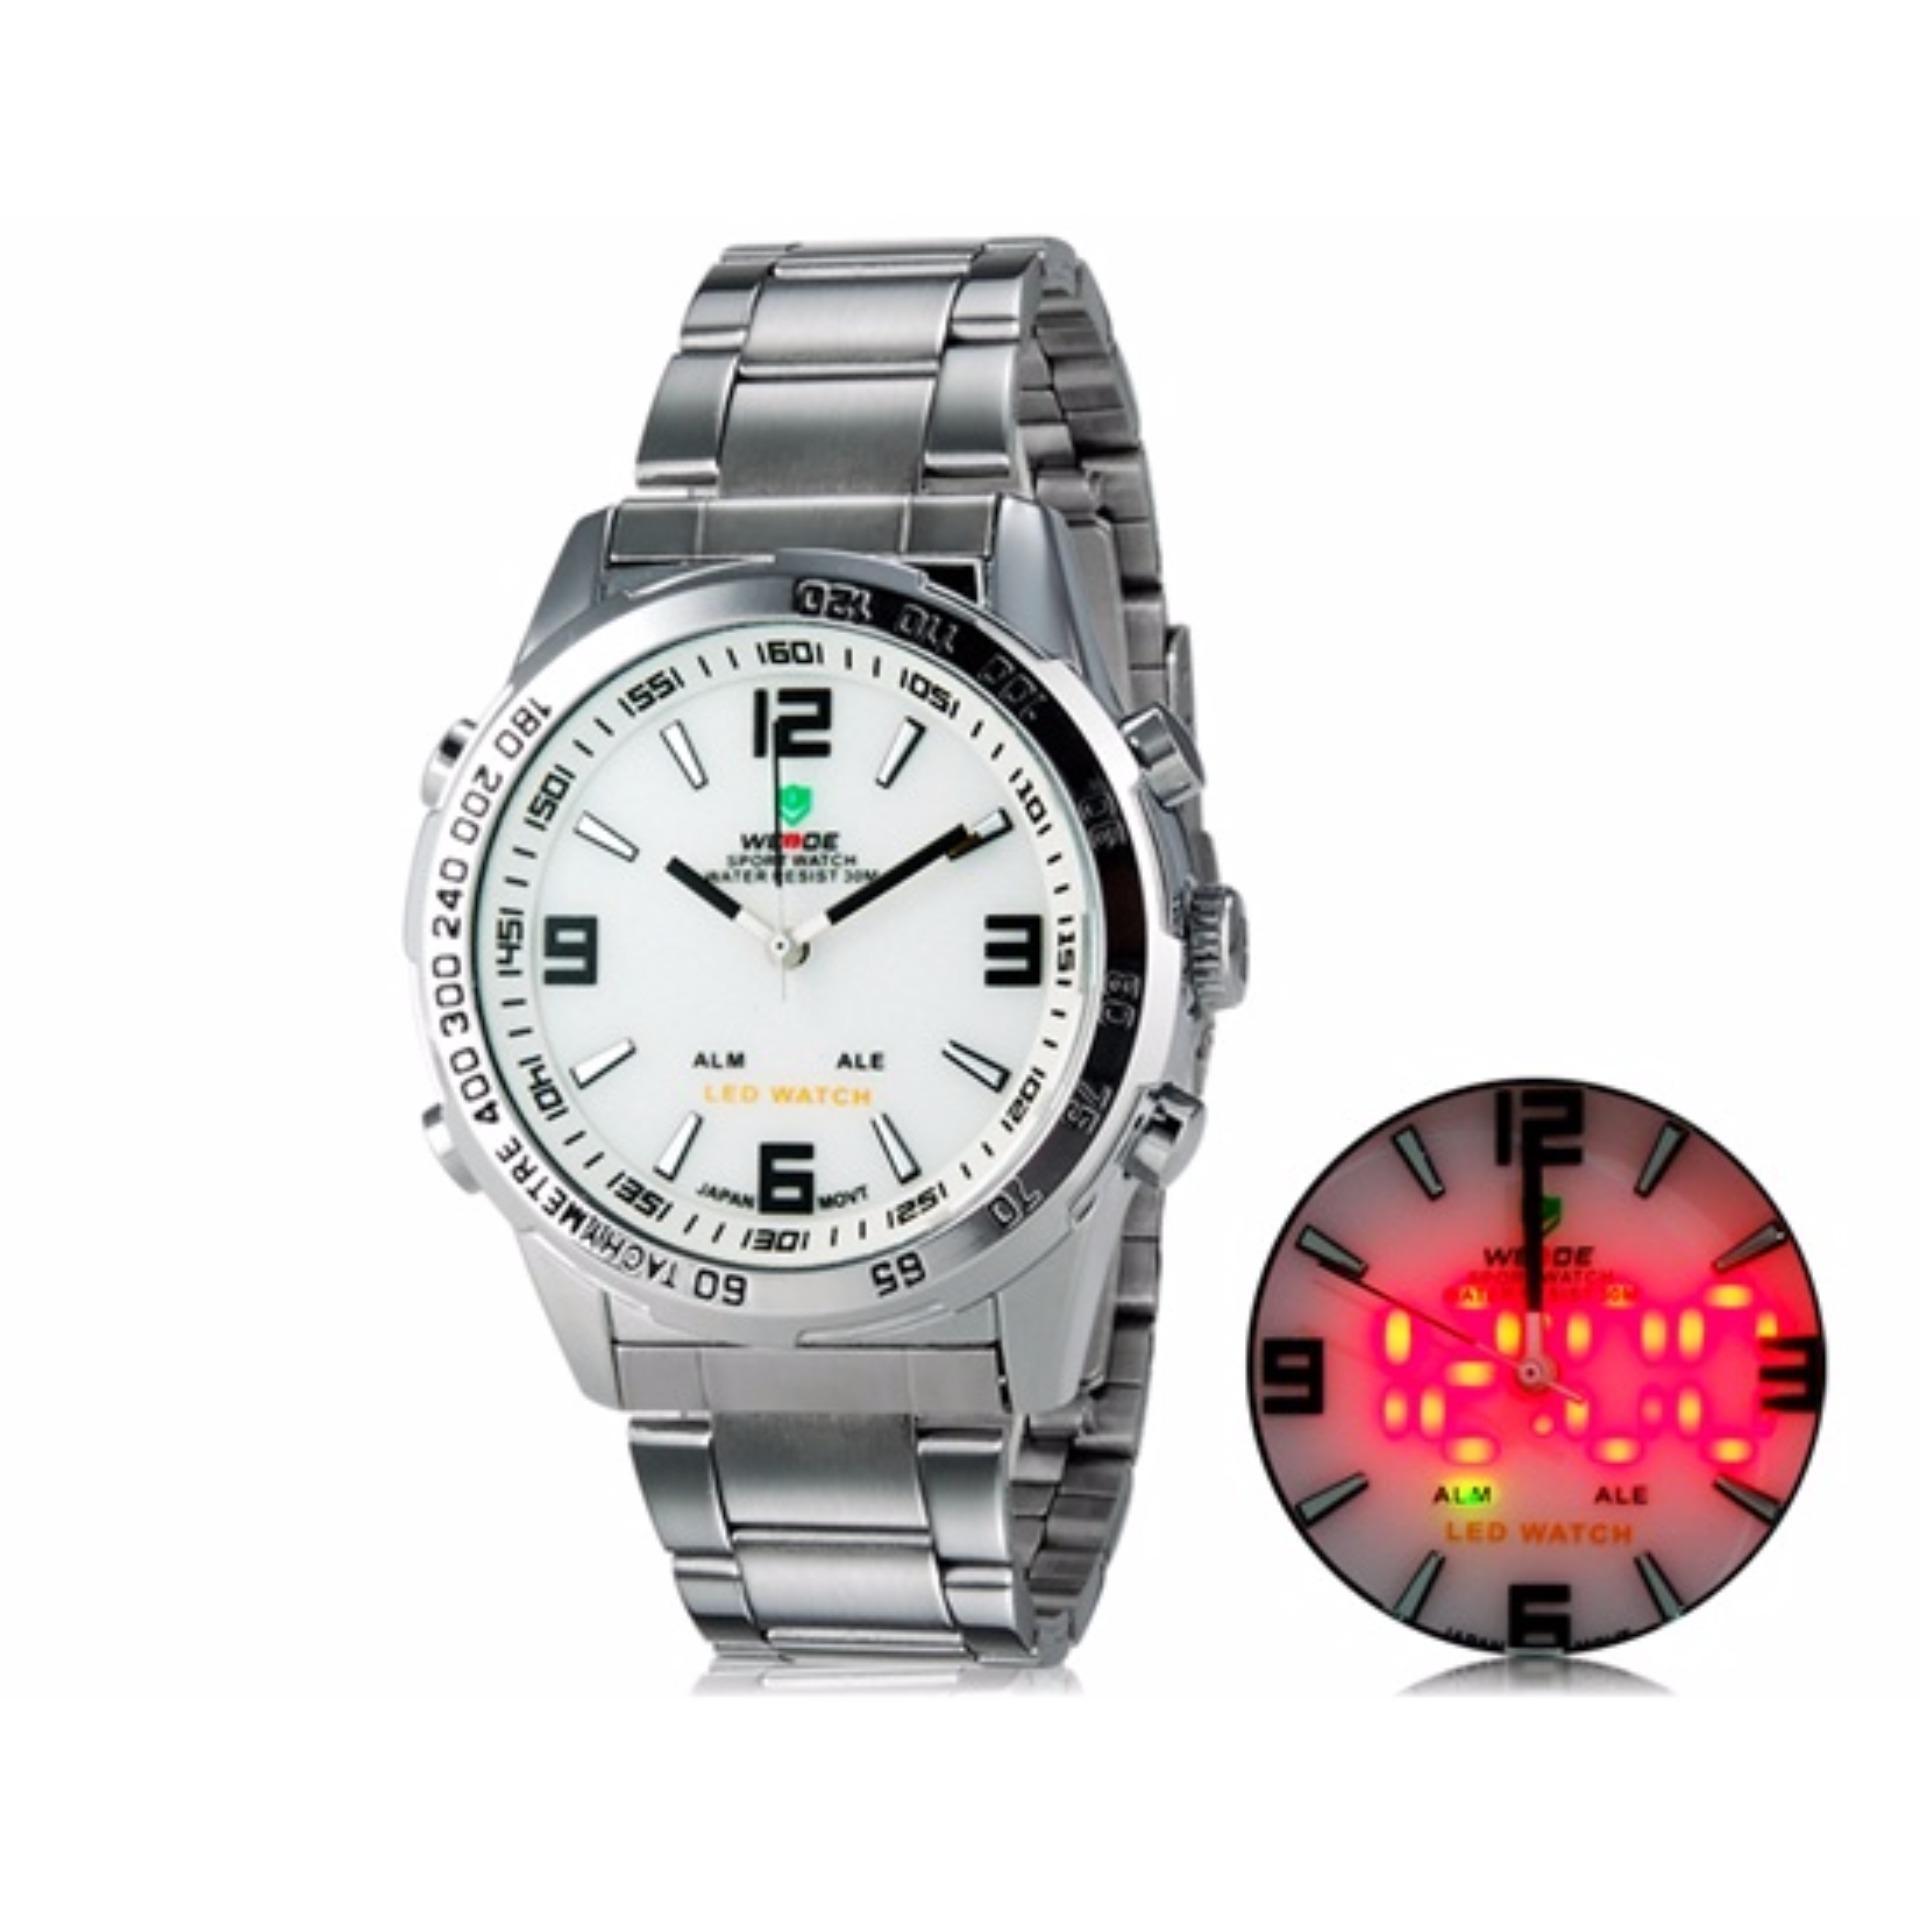 Giá Khuyến Mại Đồng hồ nam 2 mày Weide 1009 dây thép + tặng pin nhật